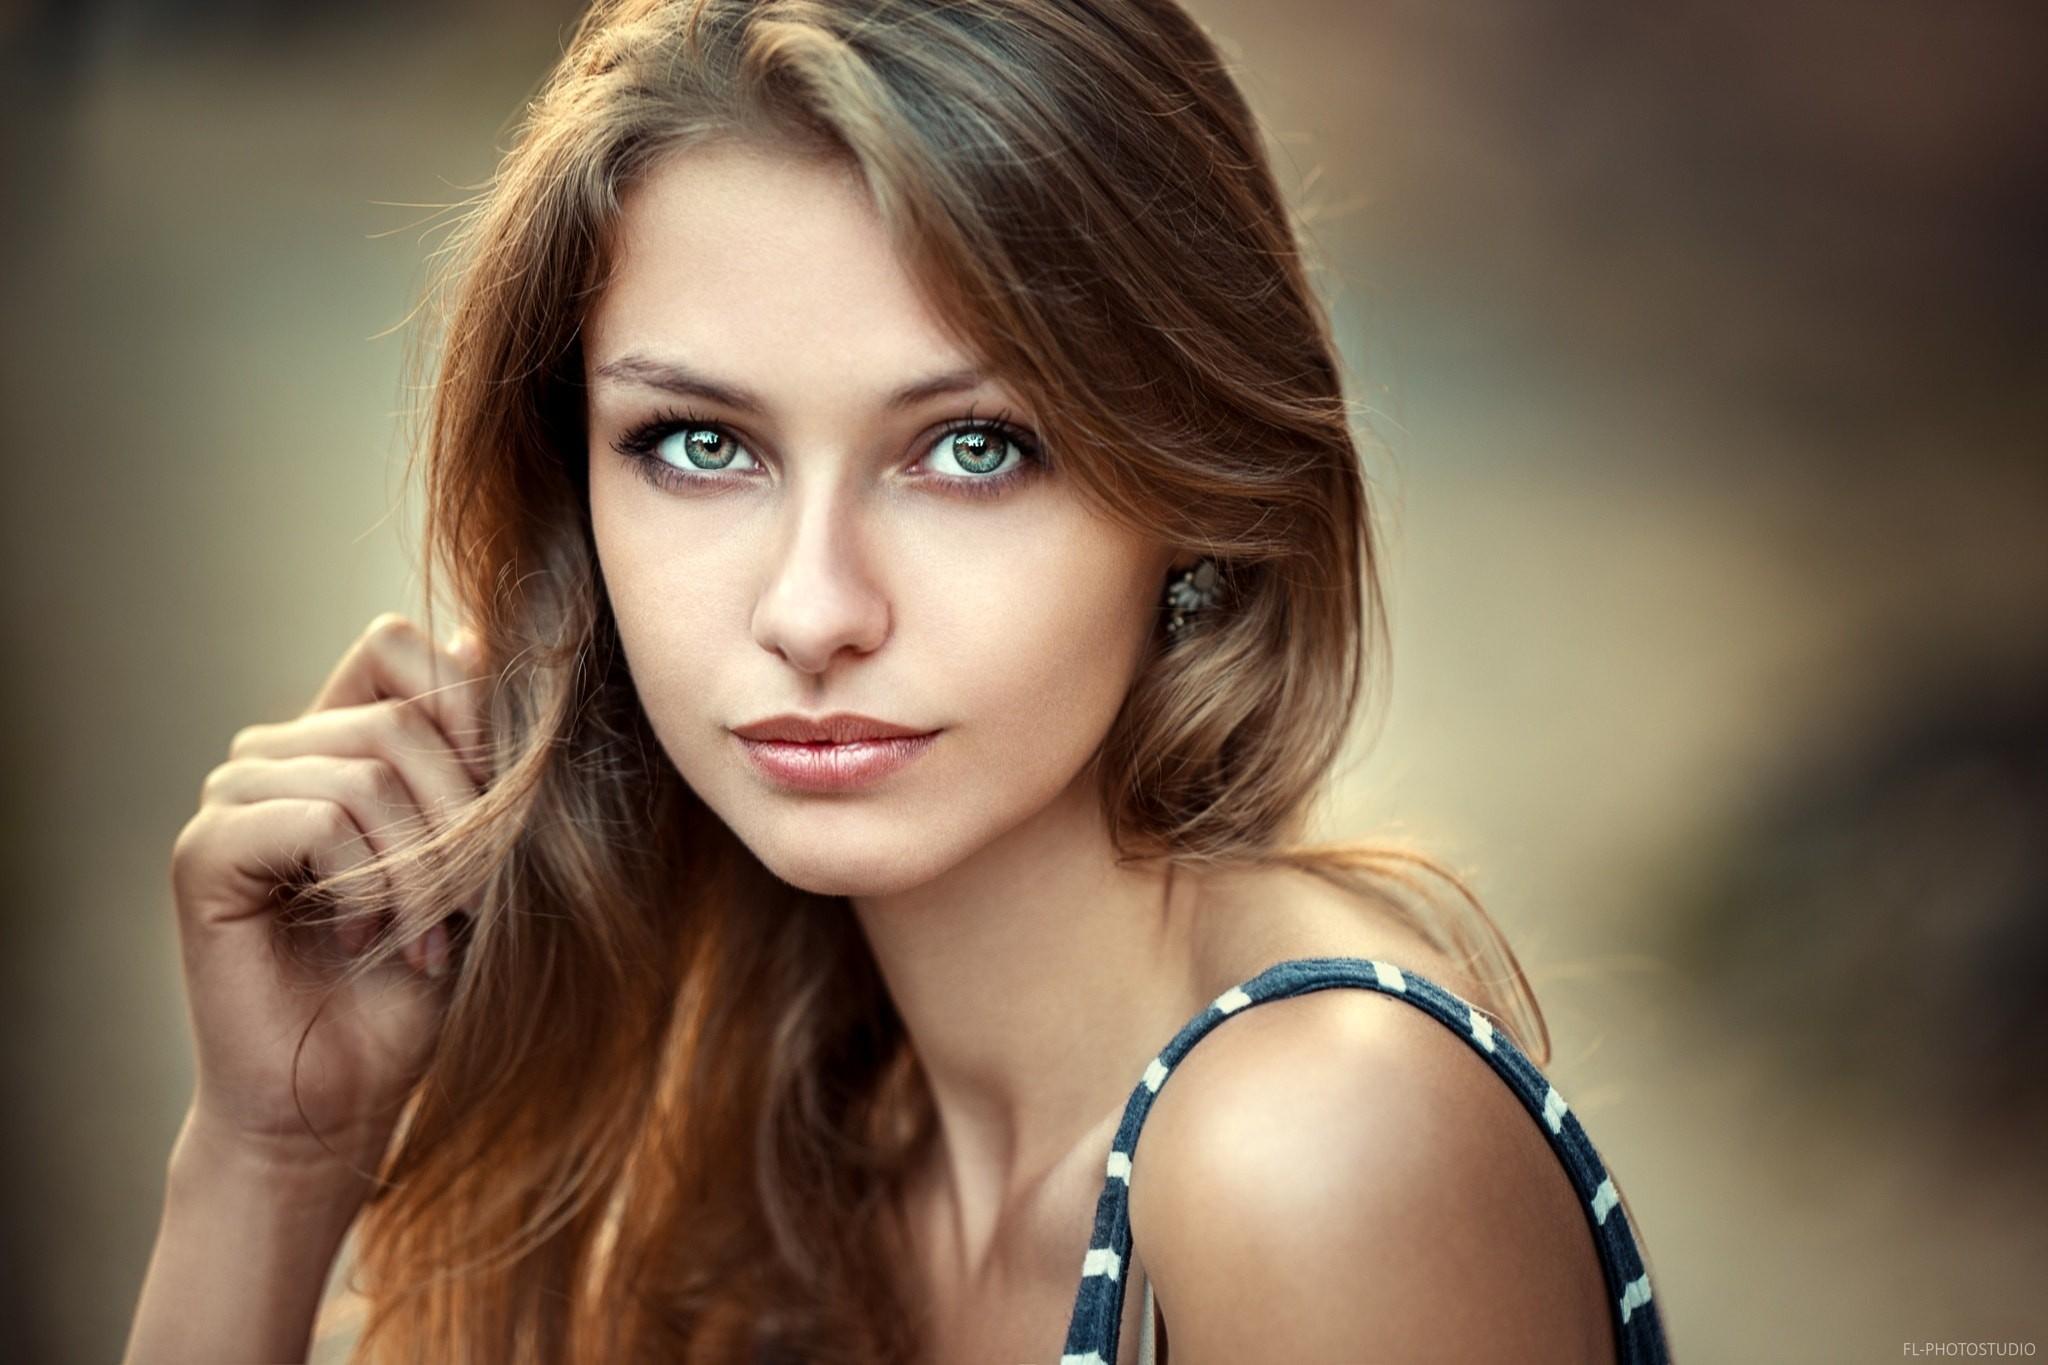 Женские фотки картинки